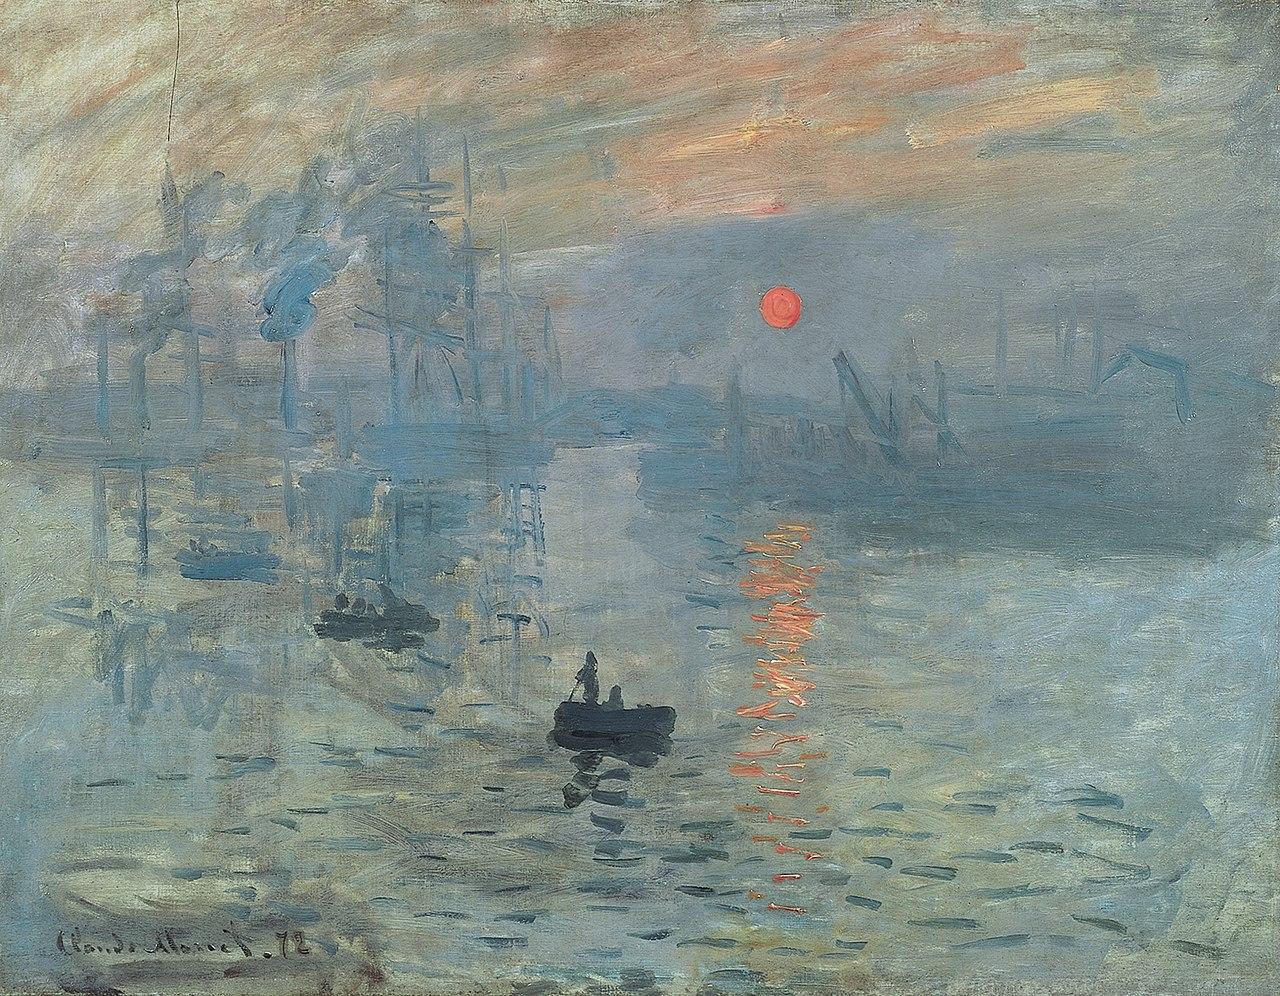 Impresión, sol naciente (impresión, soleil levant) (1872/1873)